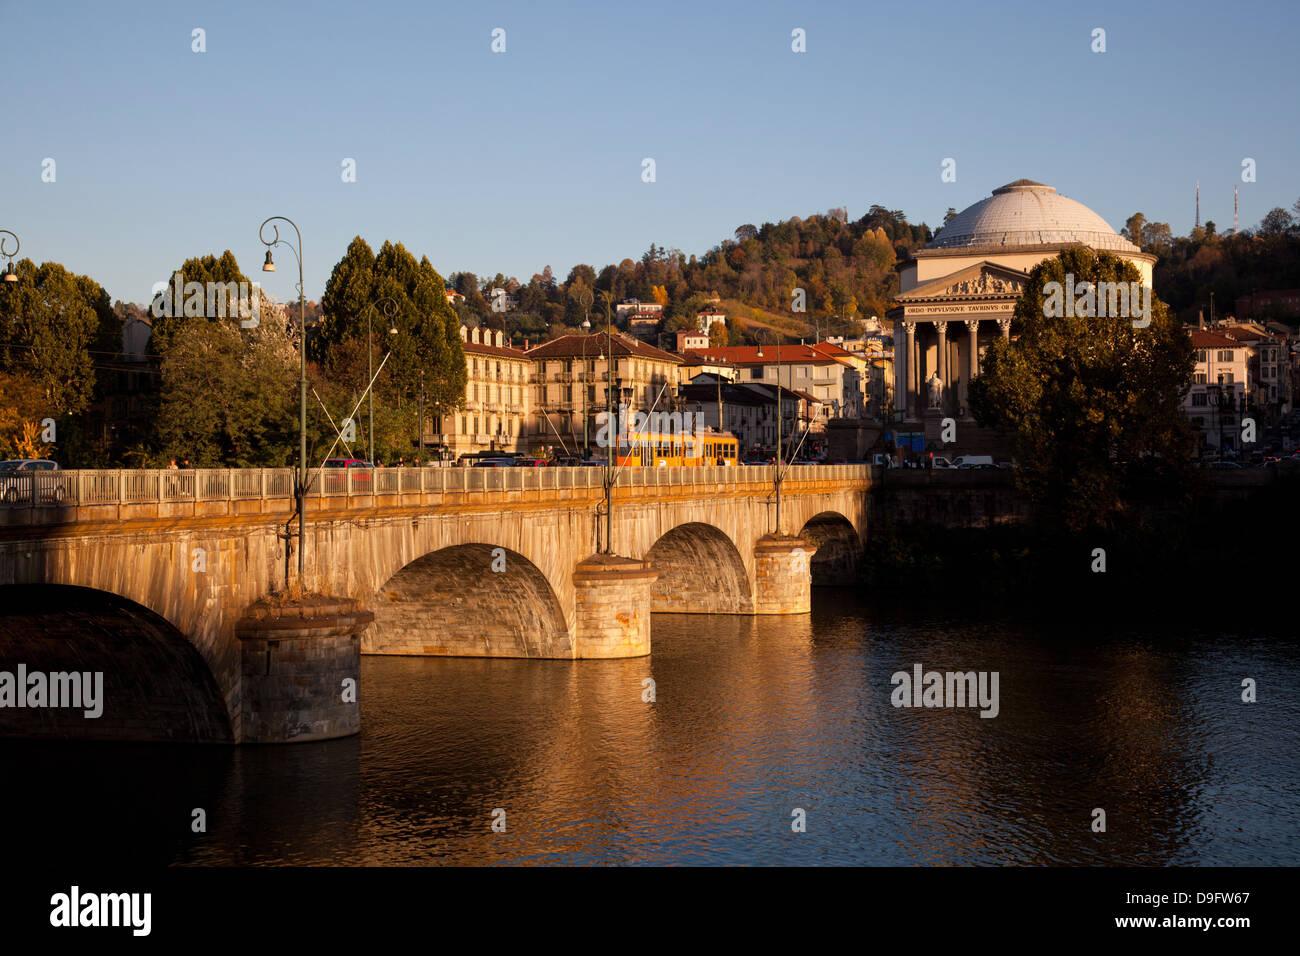 Po River, Vittorio Emanuele I bridge and Gran Madre di Dio church, Turin, Piedmont, Italy - Stock Image